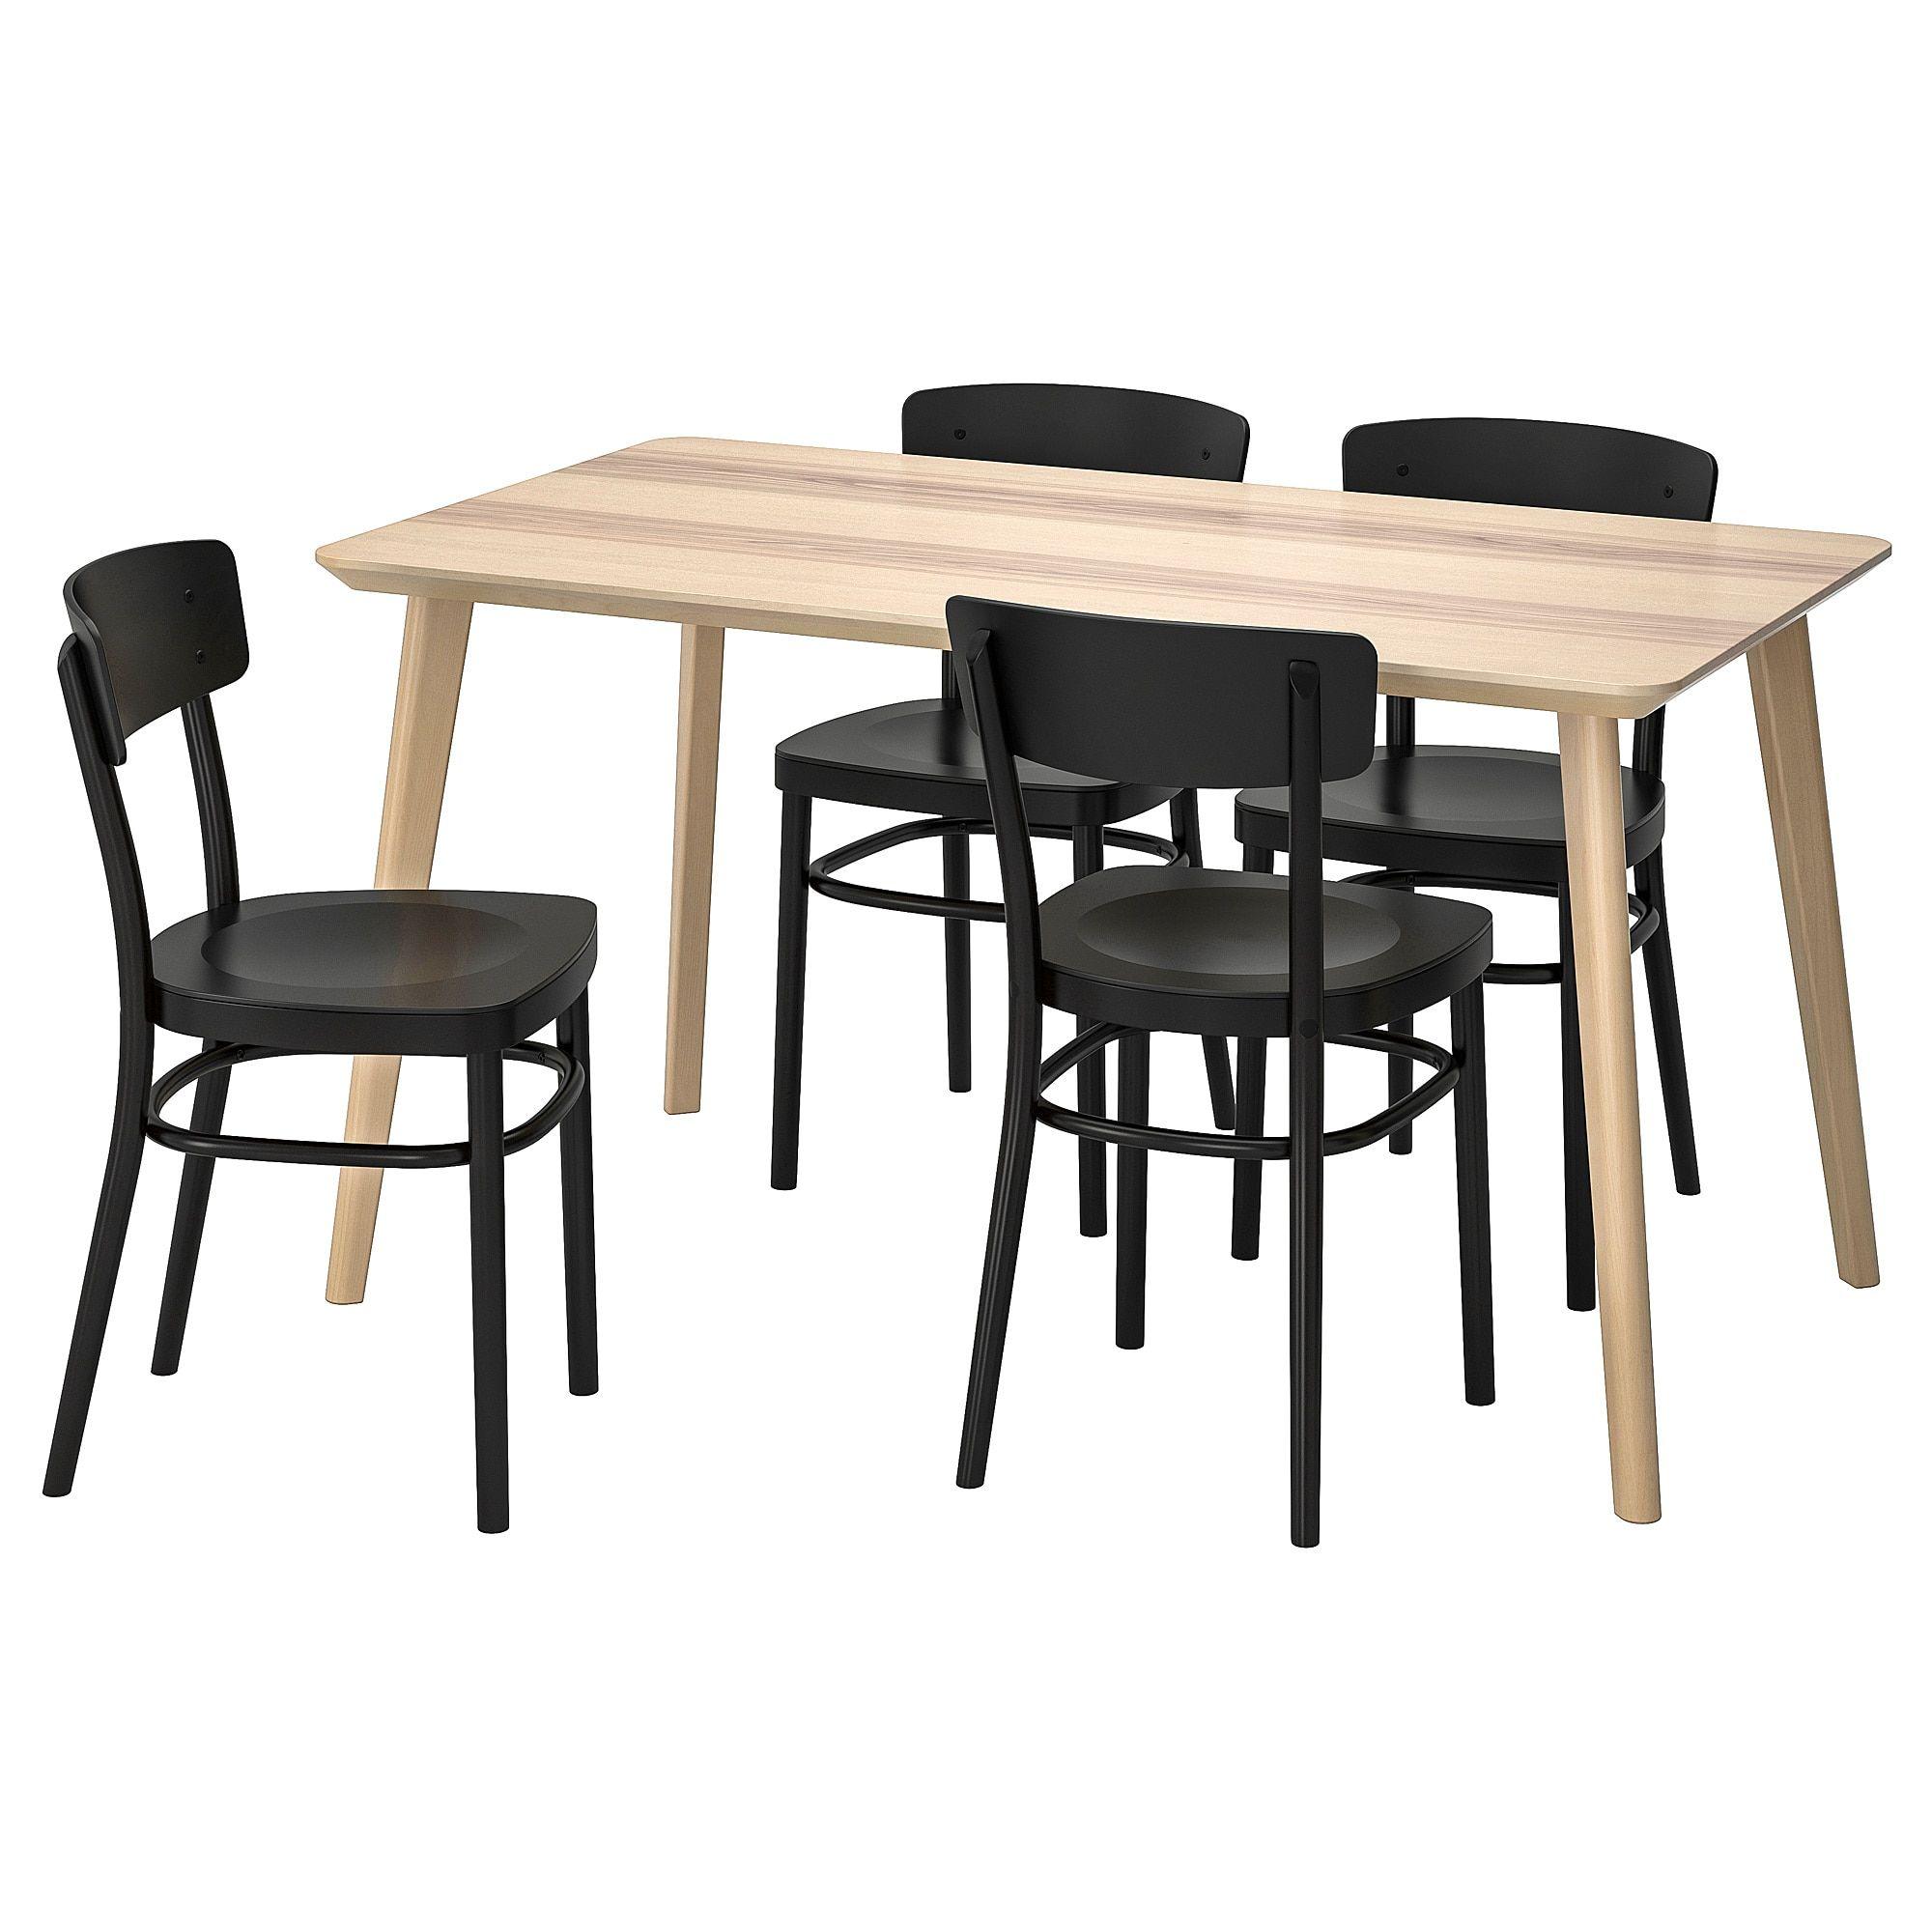 Lisabo Idolf Tisch Und 4 Stuhle Eschenfurnier Schwarz Ikea Osterreich Esszimmer Mobel Ikea Lisabo Und Stuhle